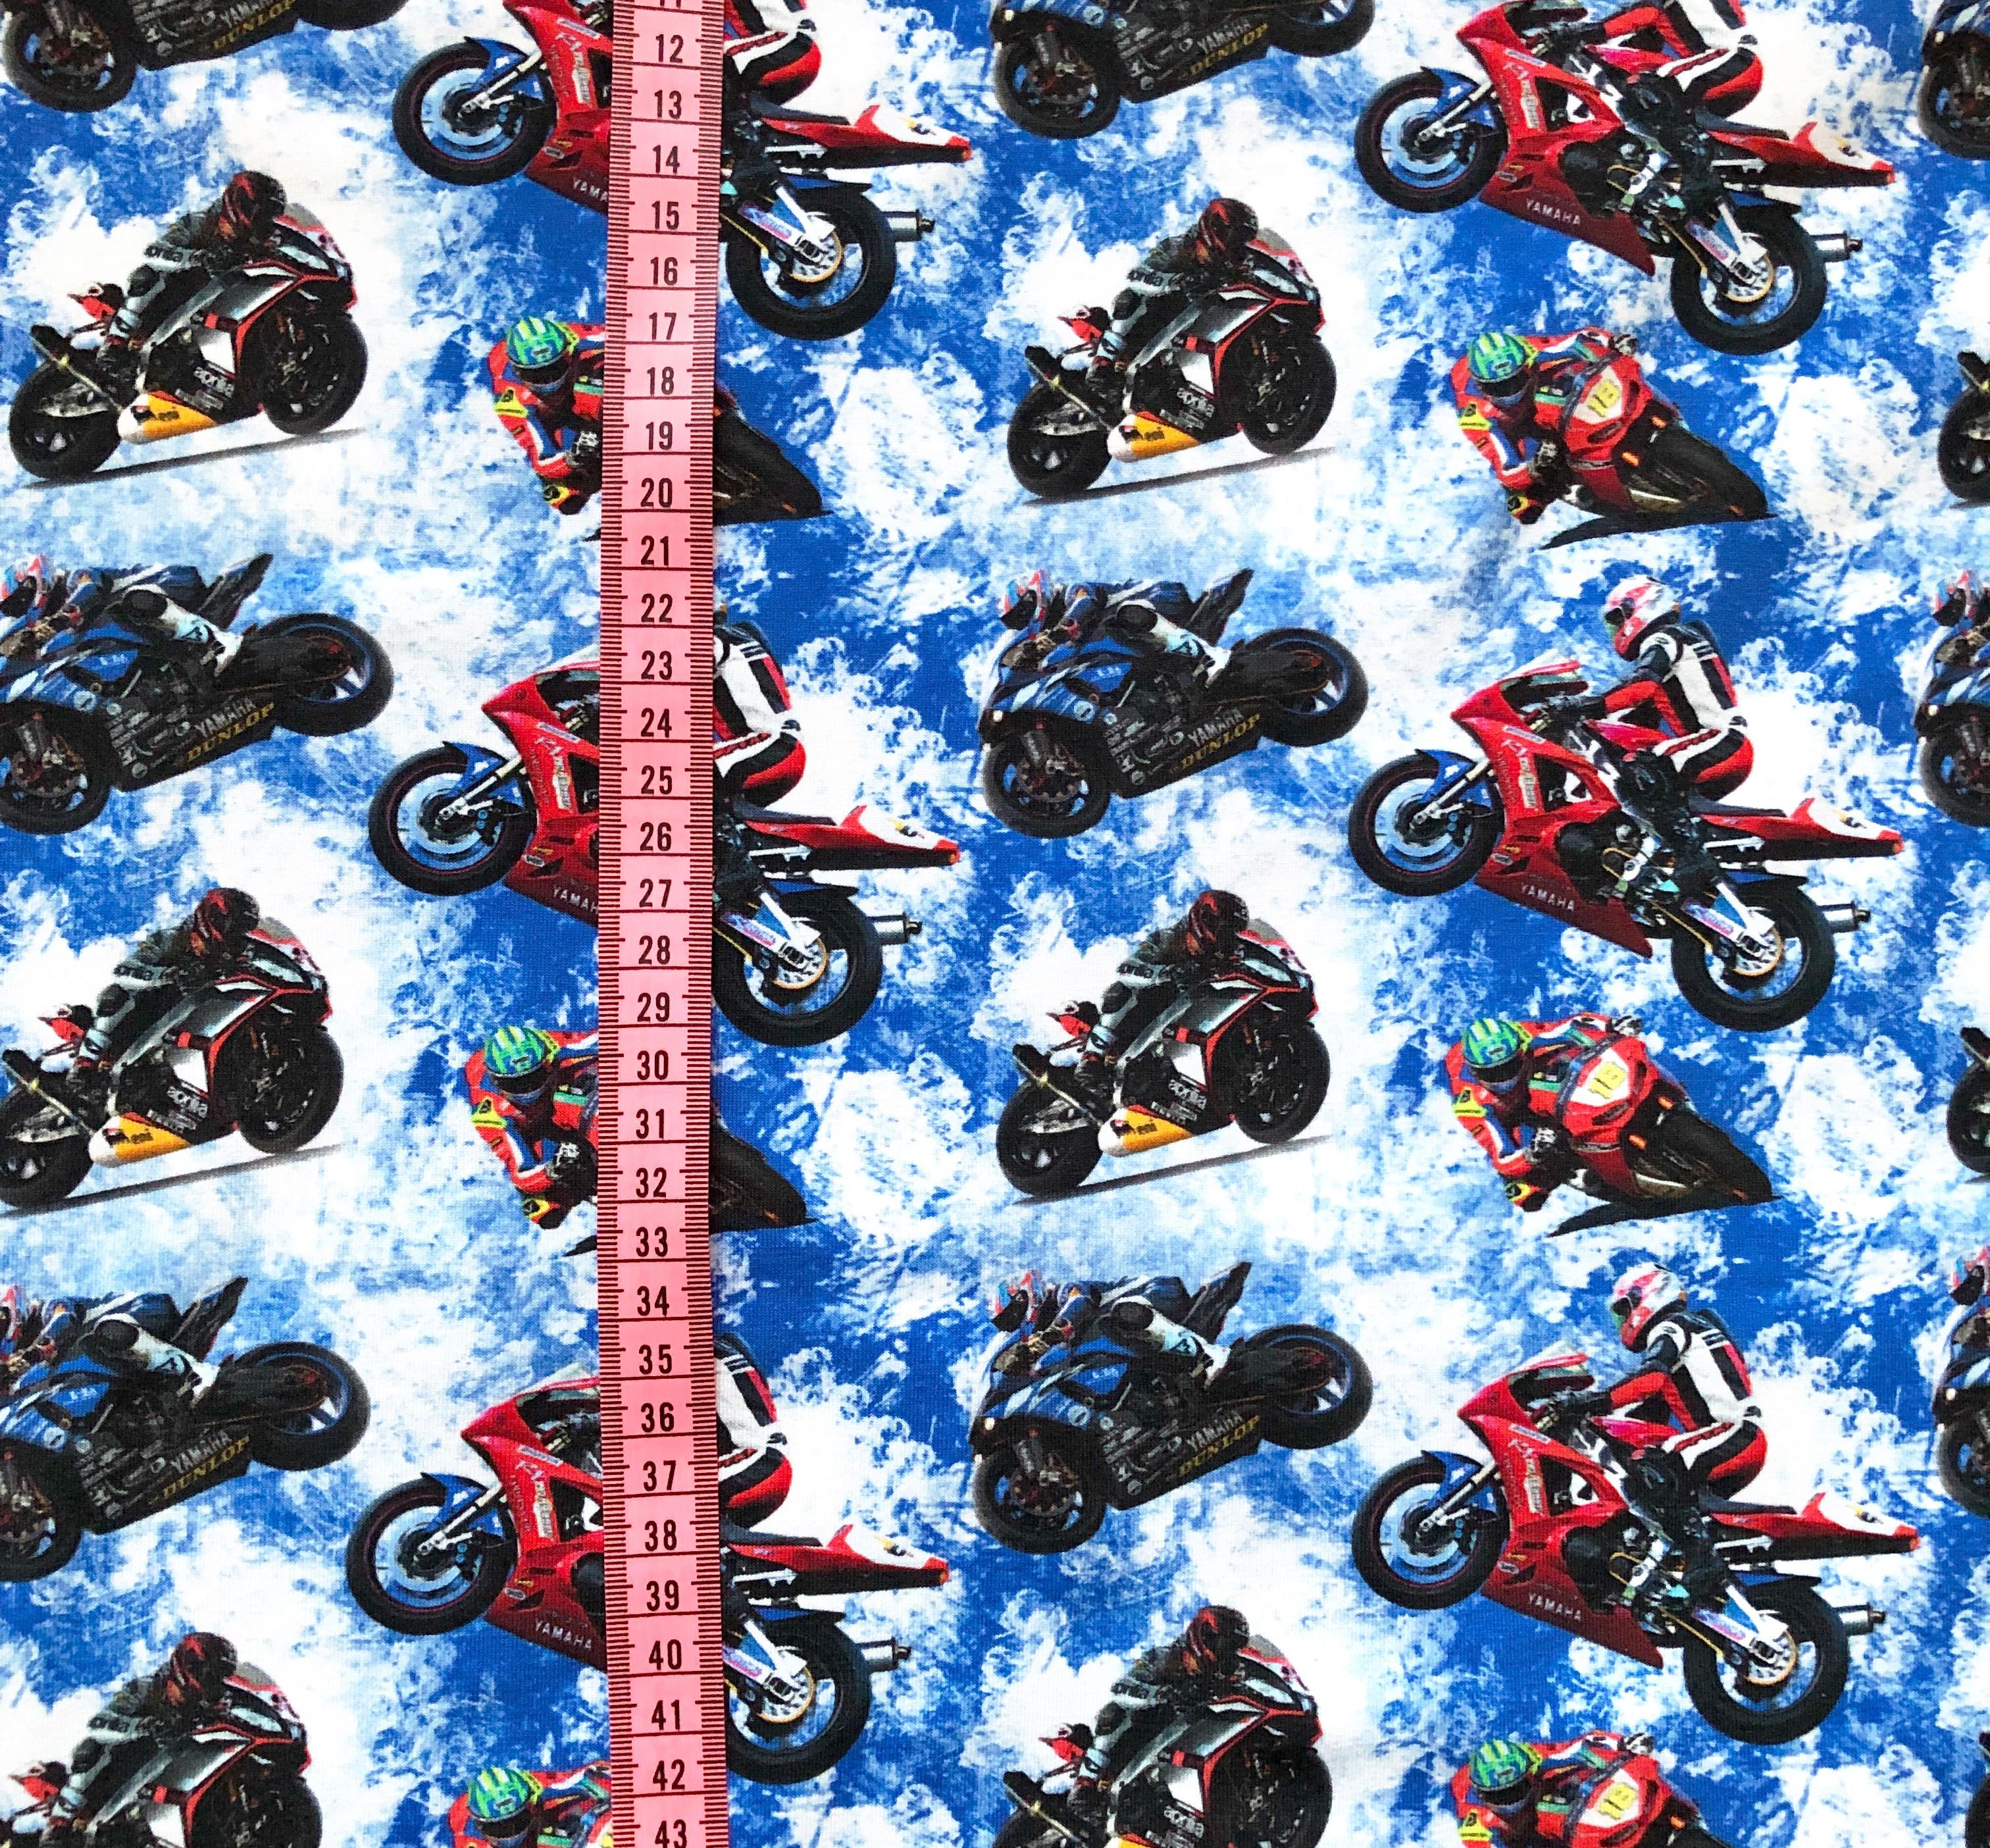 Motorcyklar, Blå #522, eko